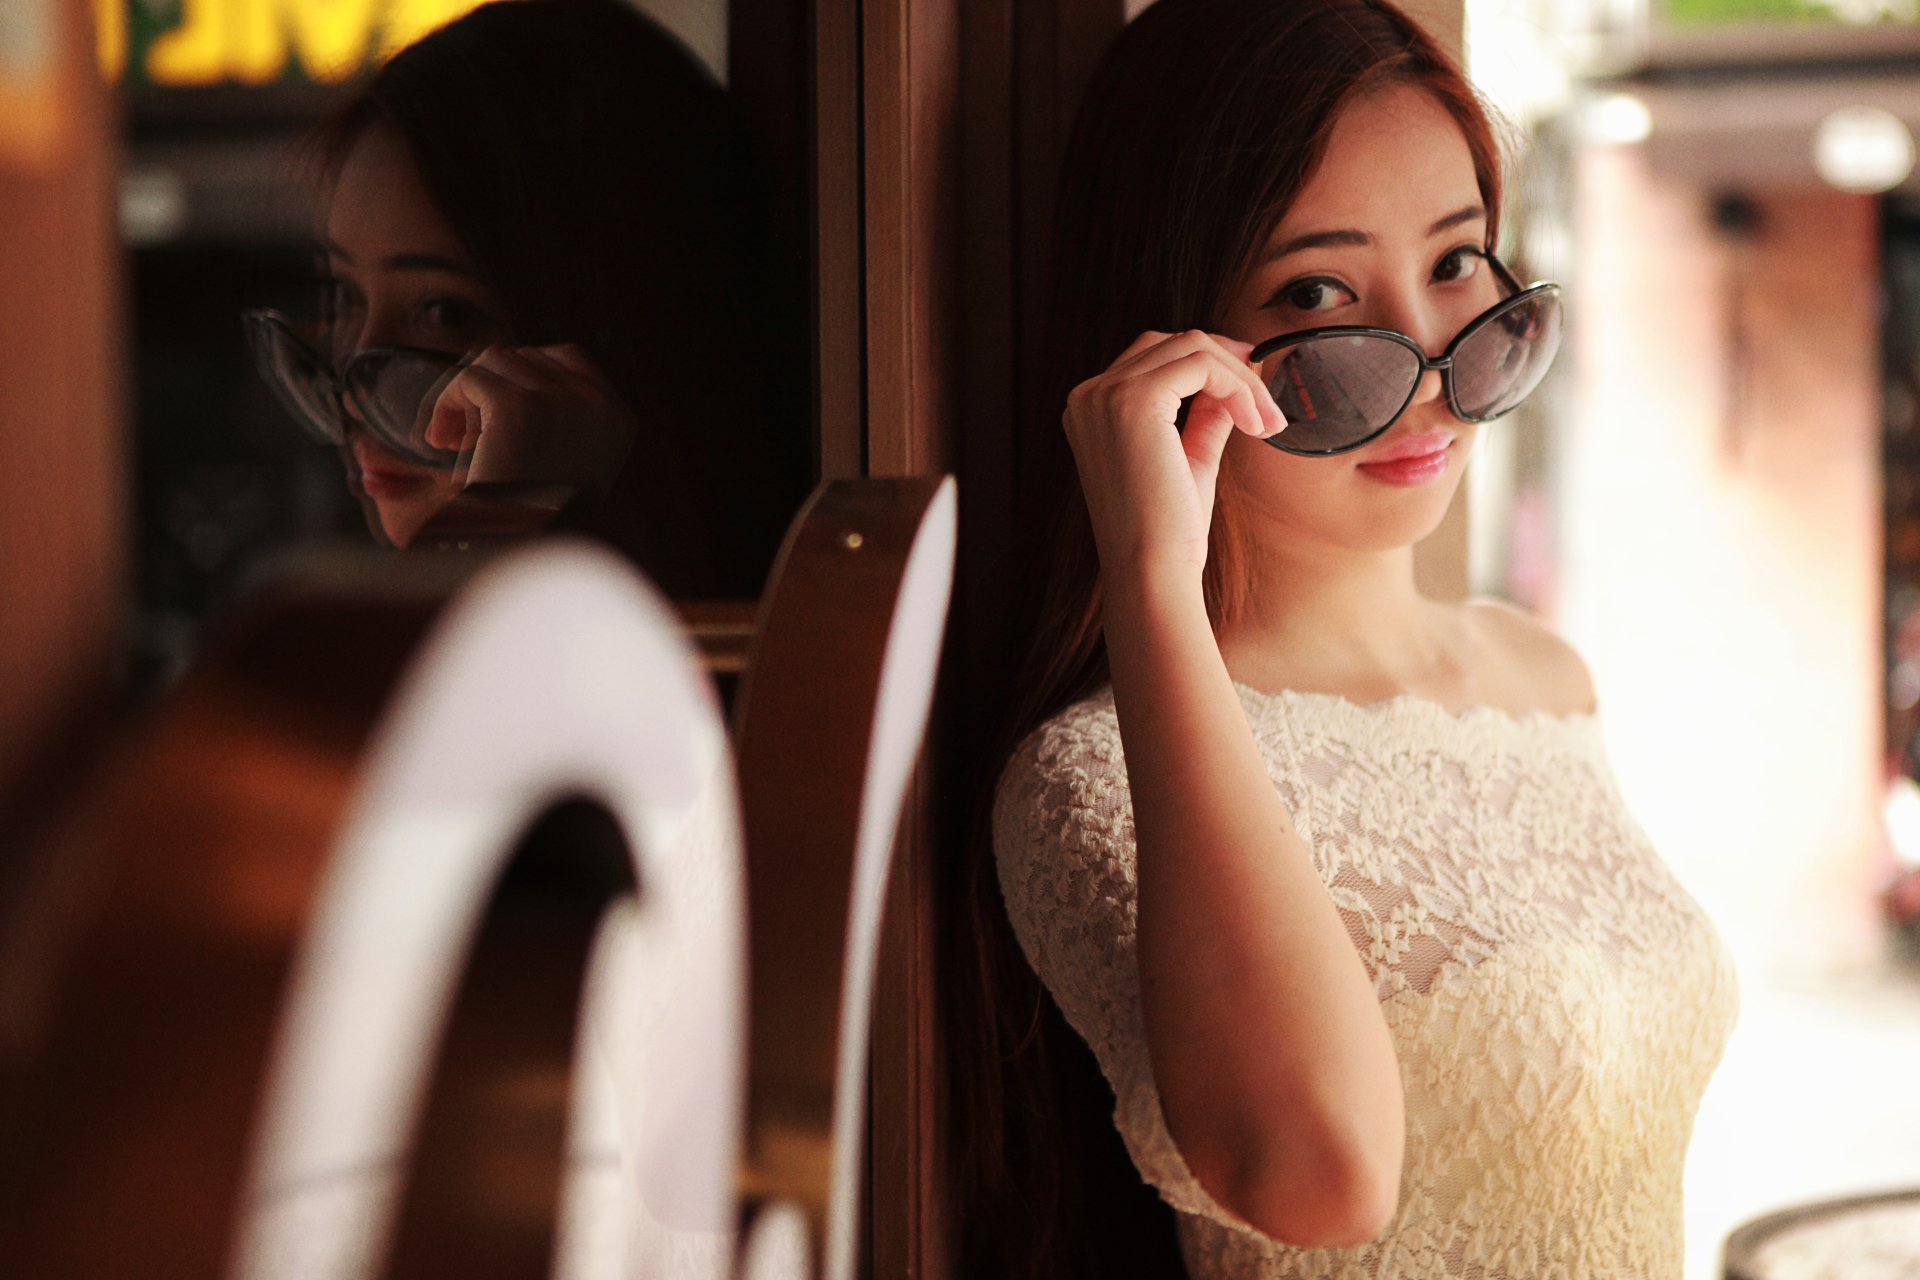 Женщины - Азиатки  Девушка Dress Glasses Отражение Лицо Обои